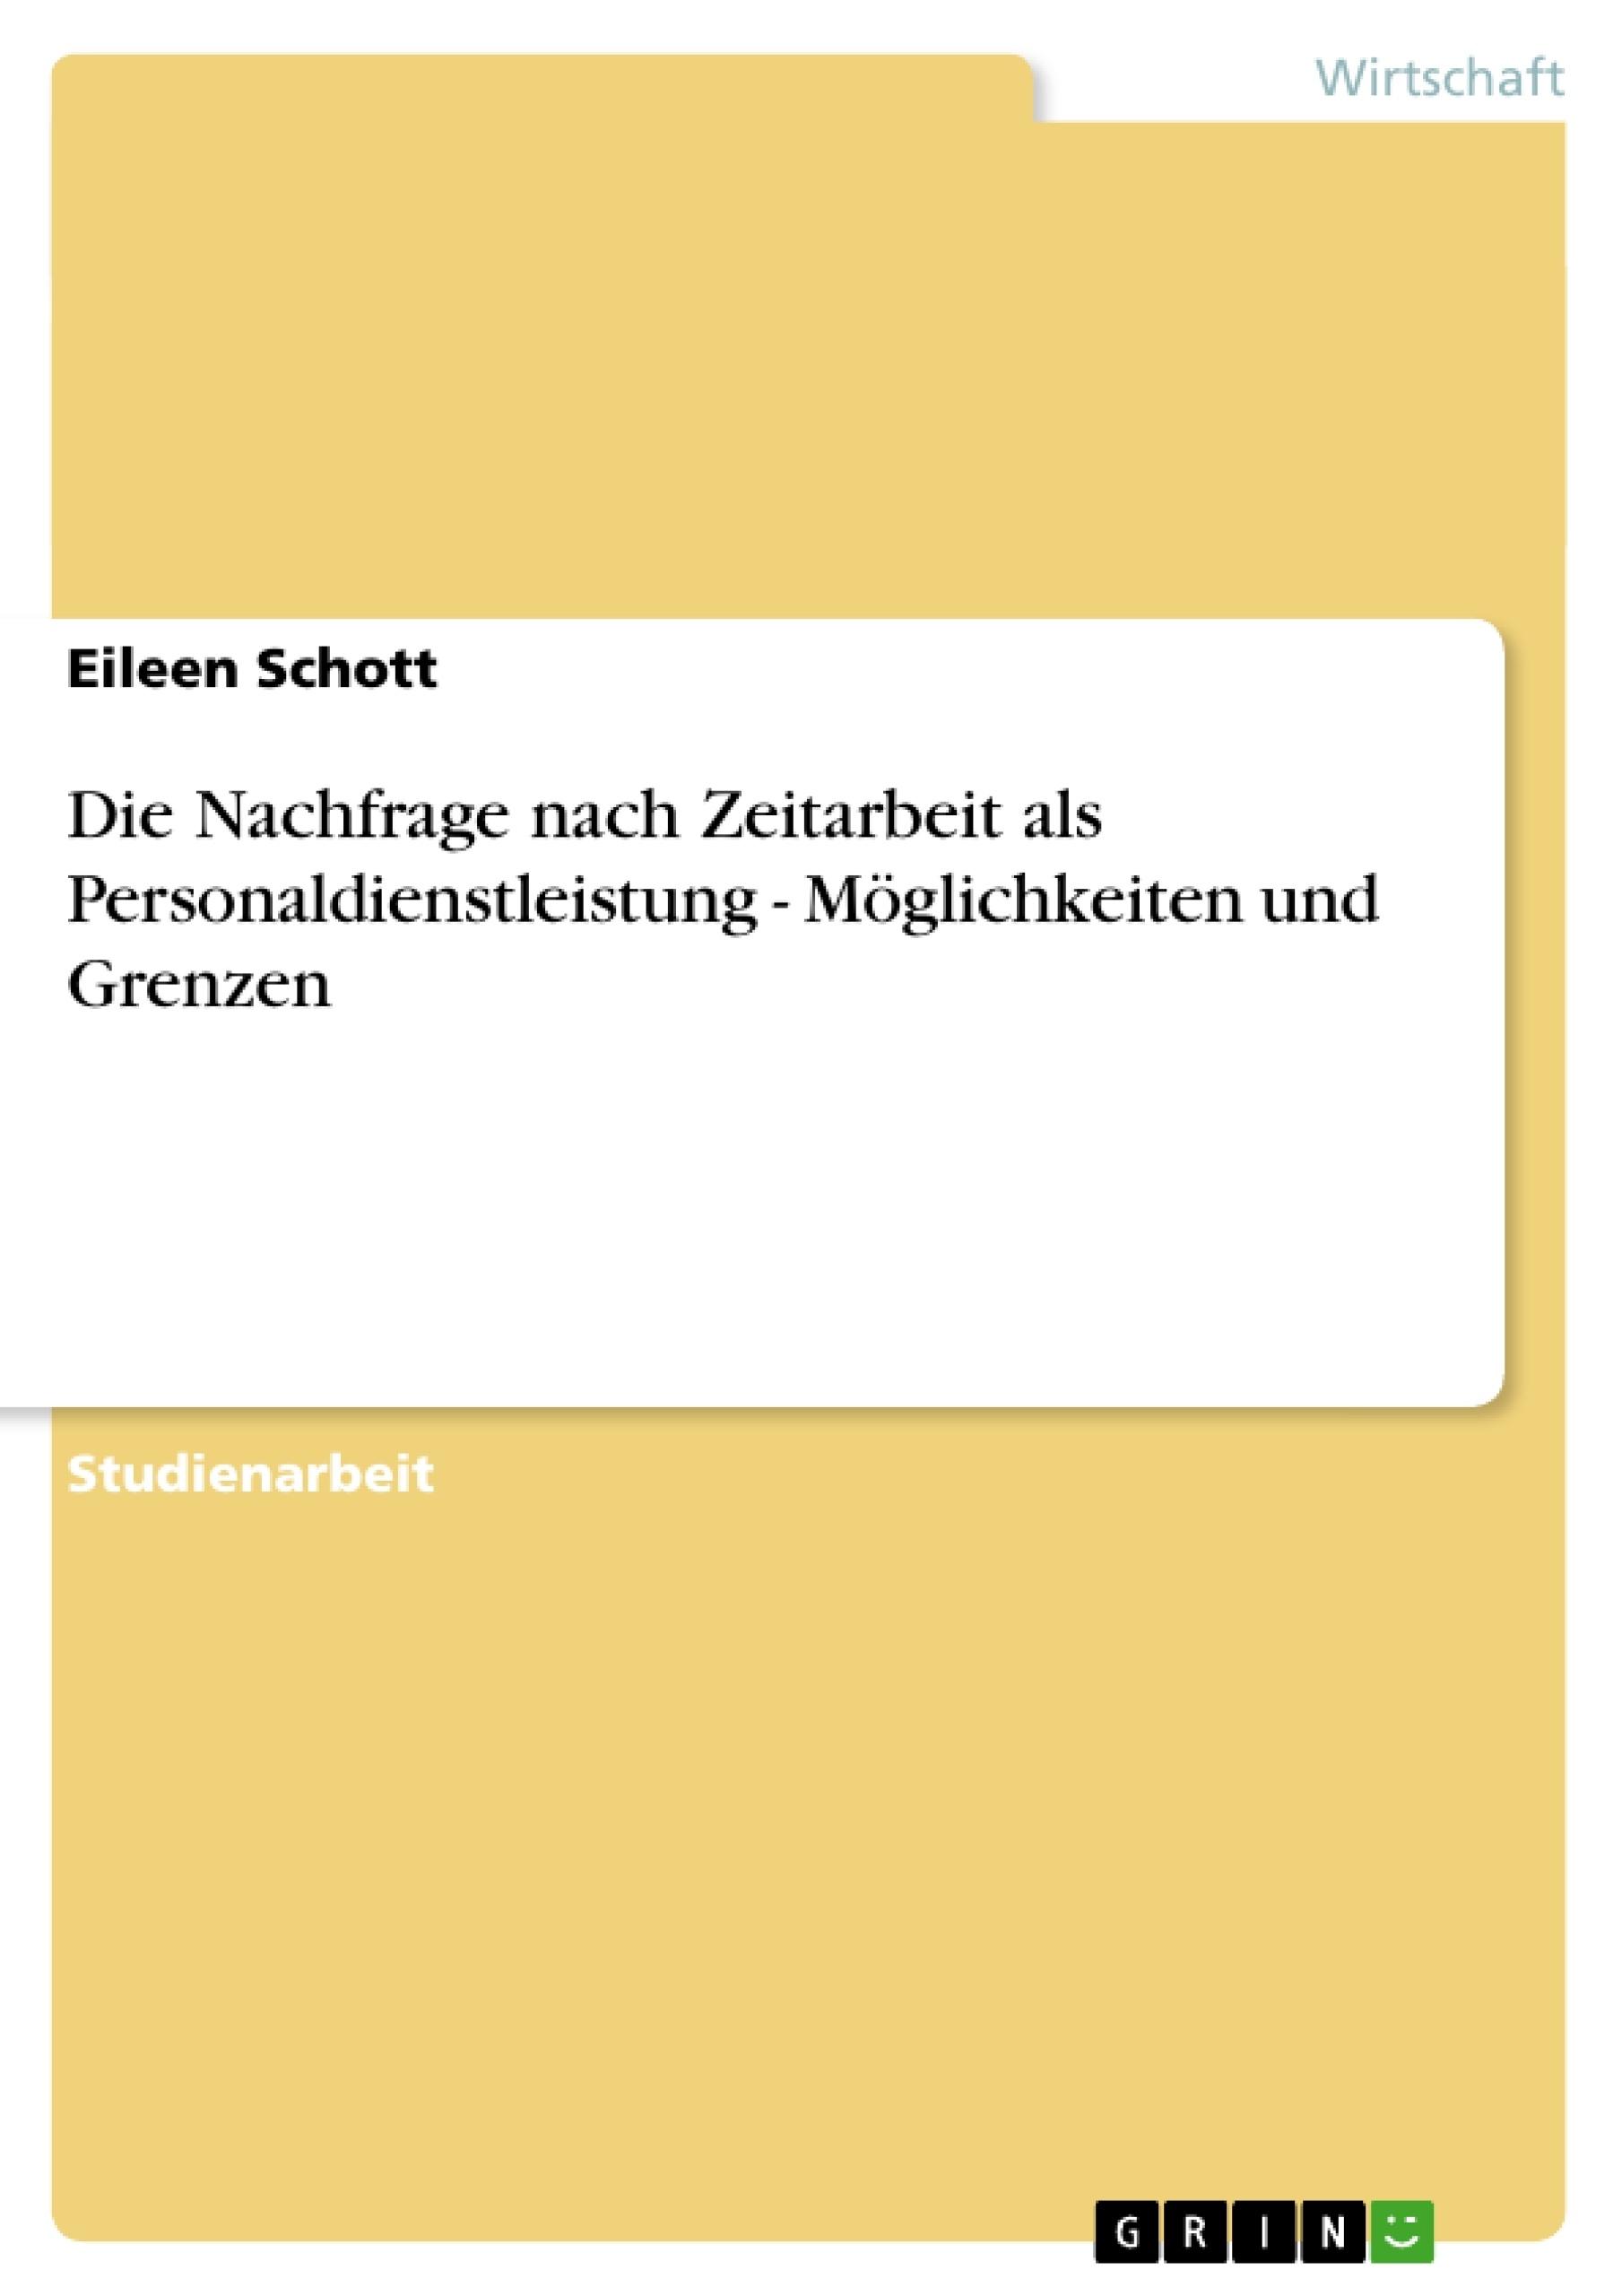 Titel: Die Nachfrage nach Zeitarbeit als Personaldienstleistung - Möglichkeiten und Grenzen